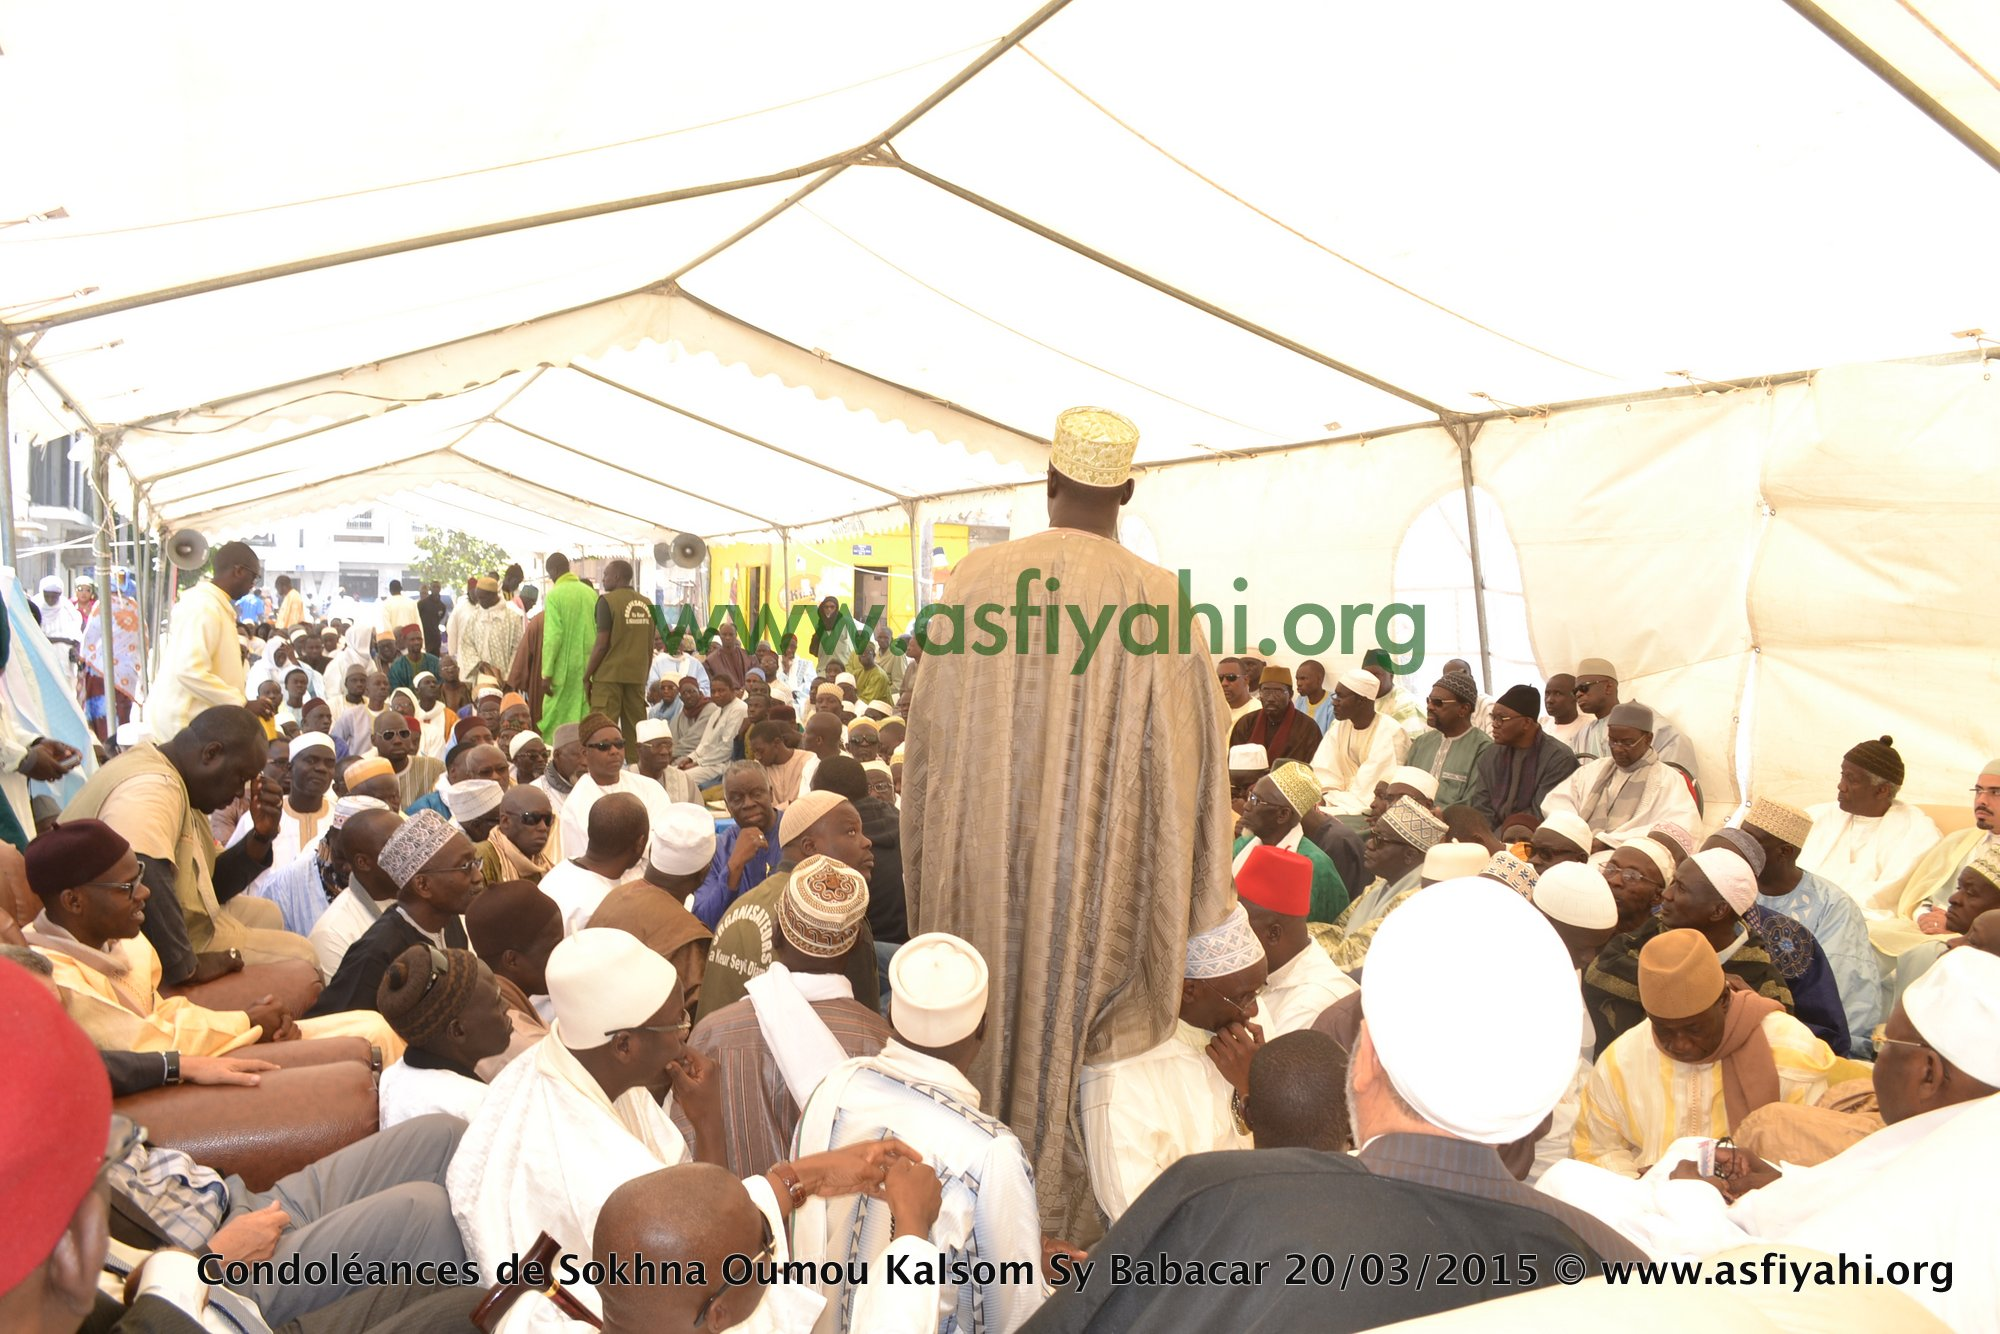 PHOTOS - Les Images des Condoléances de Sokhna Oumou Kalsom Sy Bint Serigne Babacar SY (rta) à la Médina ce Vendredi 20 Mars 2015